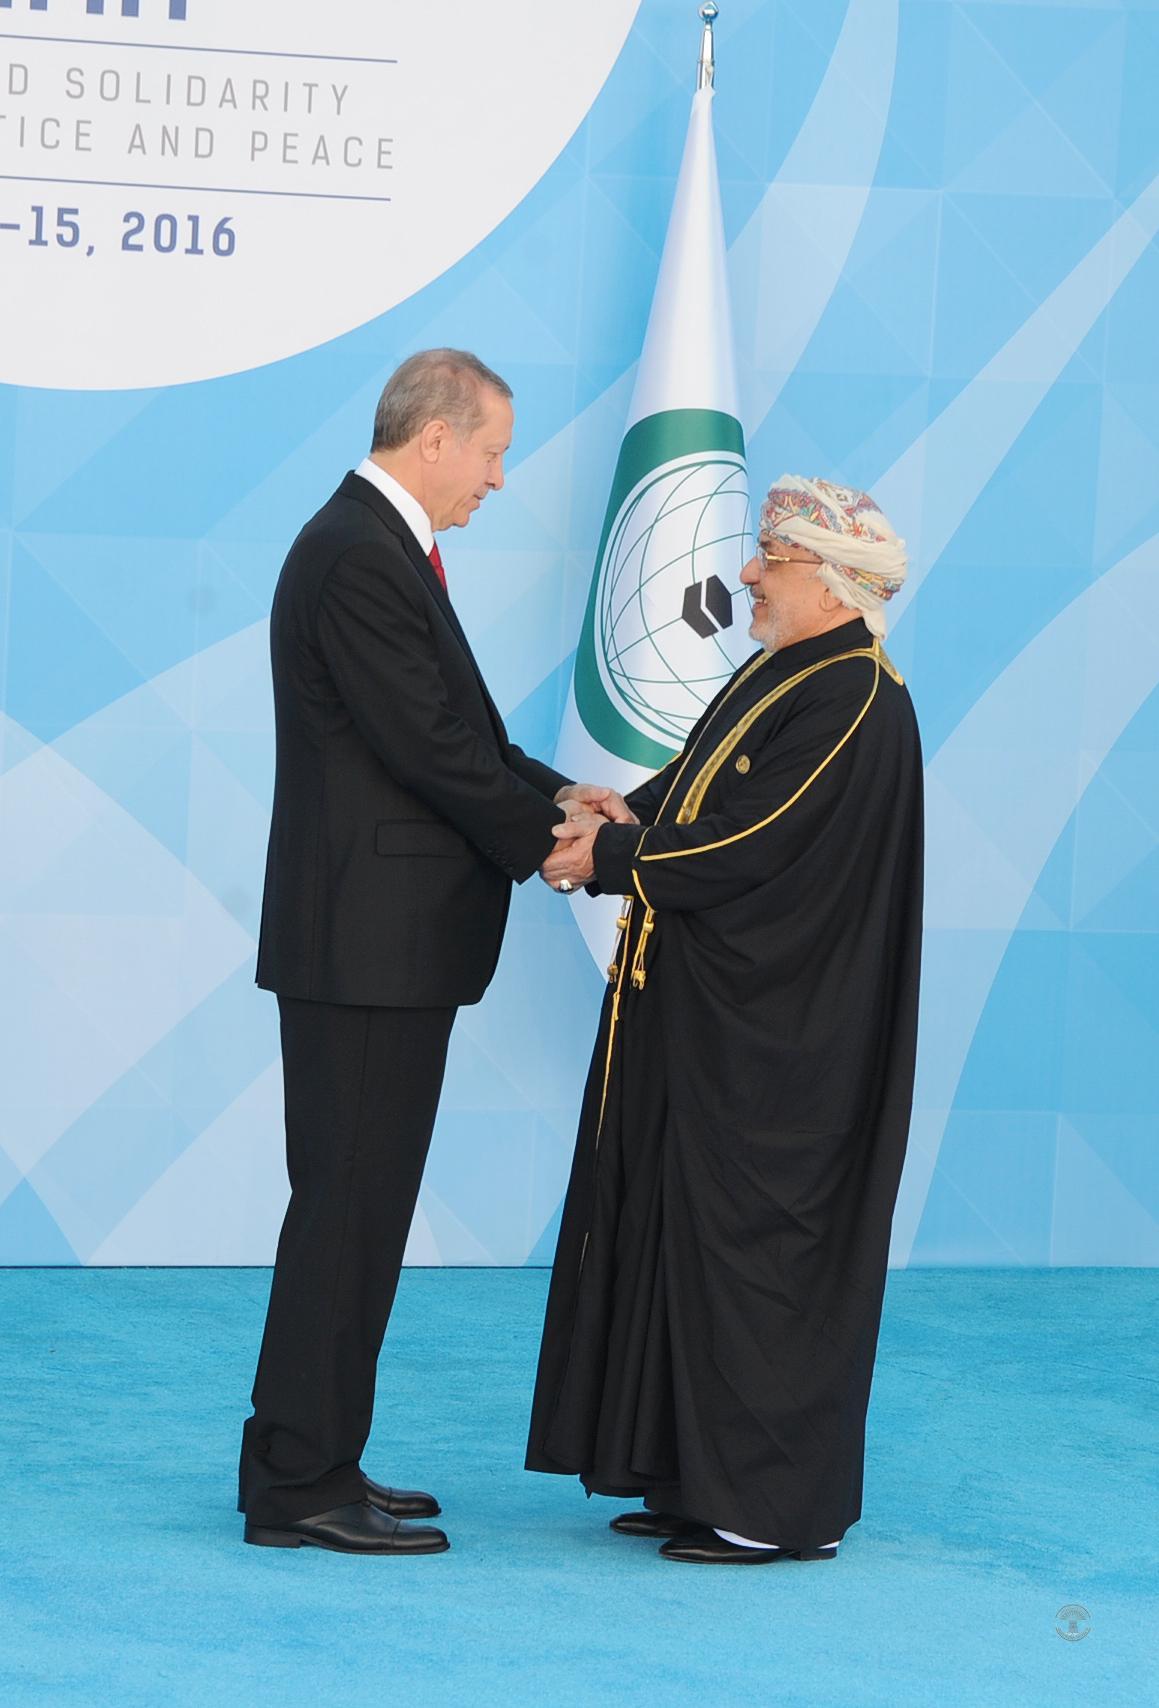 بتكليف سام.. المنذري يشارك في افتتاح القمة الإسلامية بإسطنبول